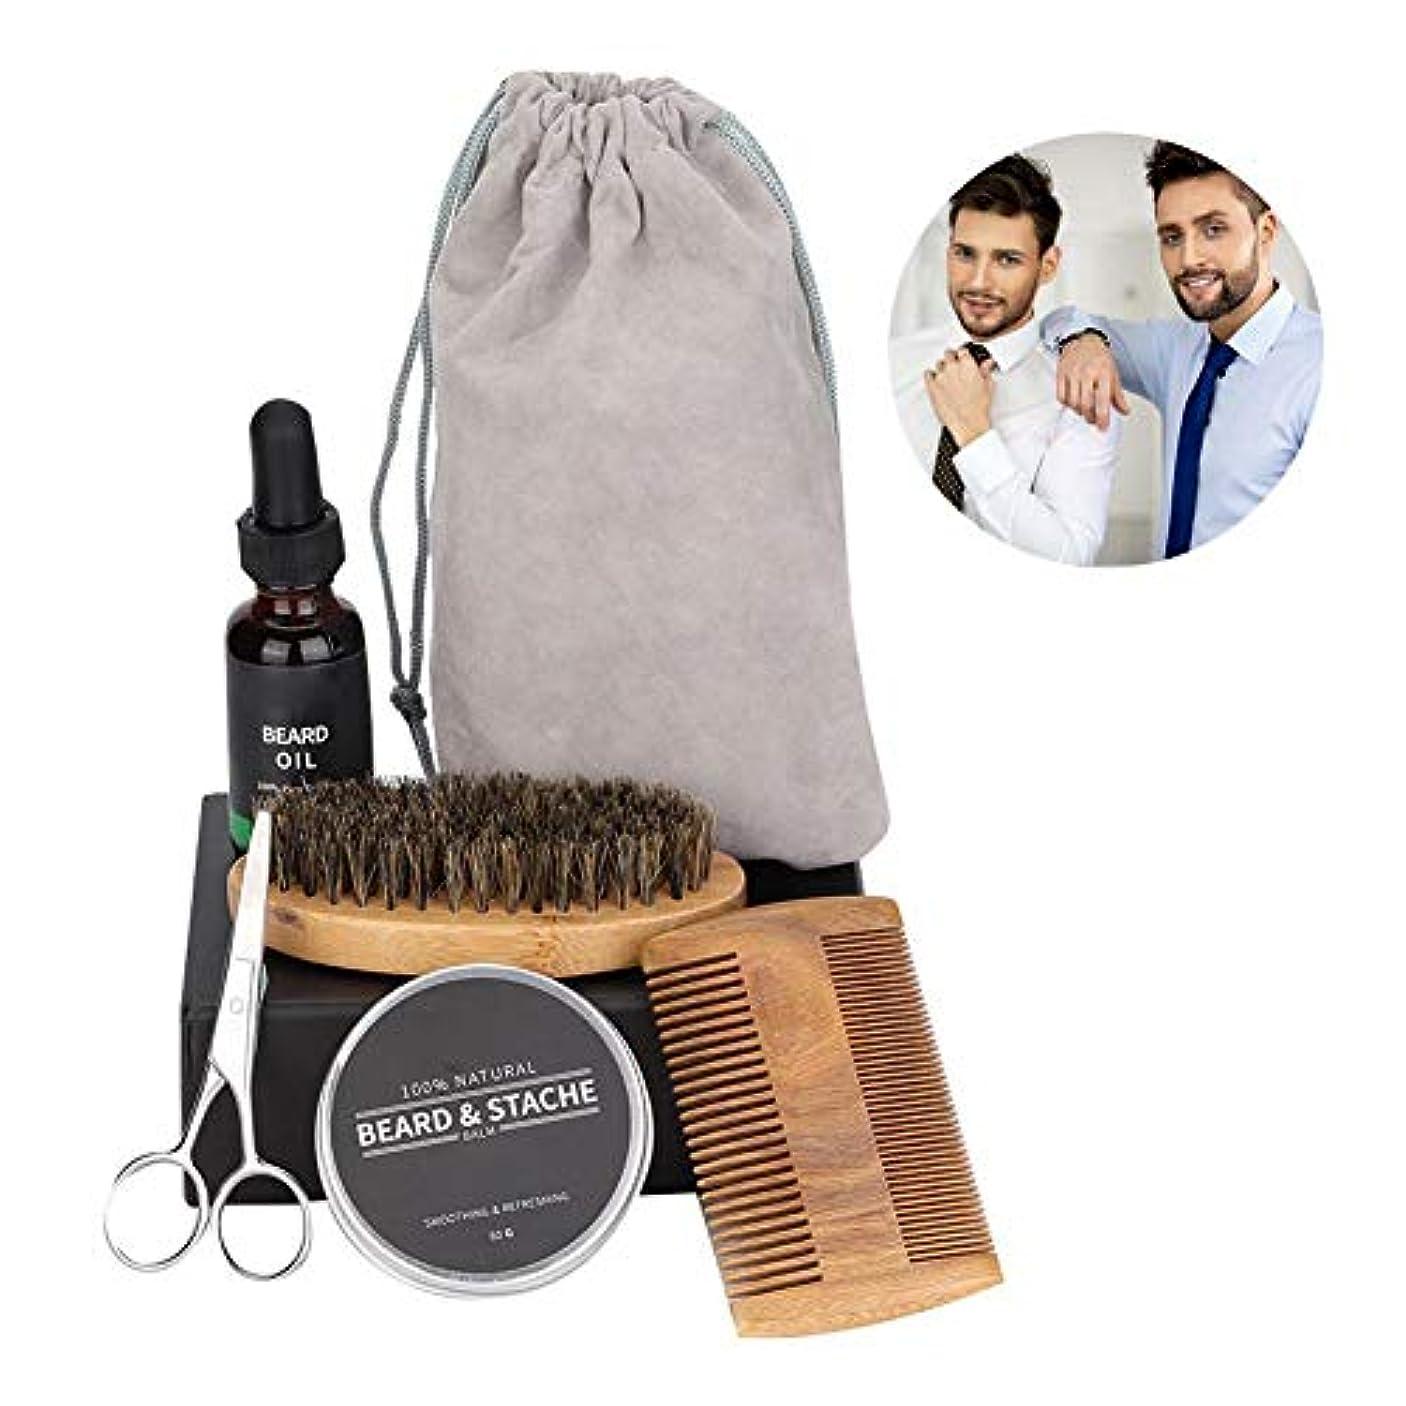 り引き潮マチュピチュ髭手入れキット、髭手入れキットを含む男性または父親のための髭成長手入れおよびトリミングキット、髭オイル、髭ケアバーム、櫛、はさみ、ブラシ、収納袋